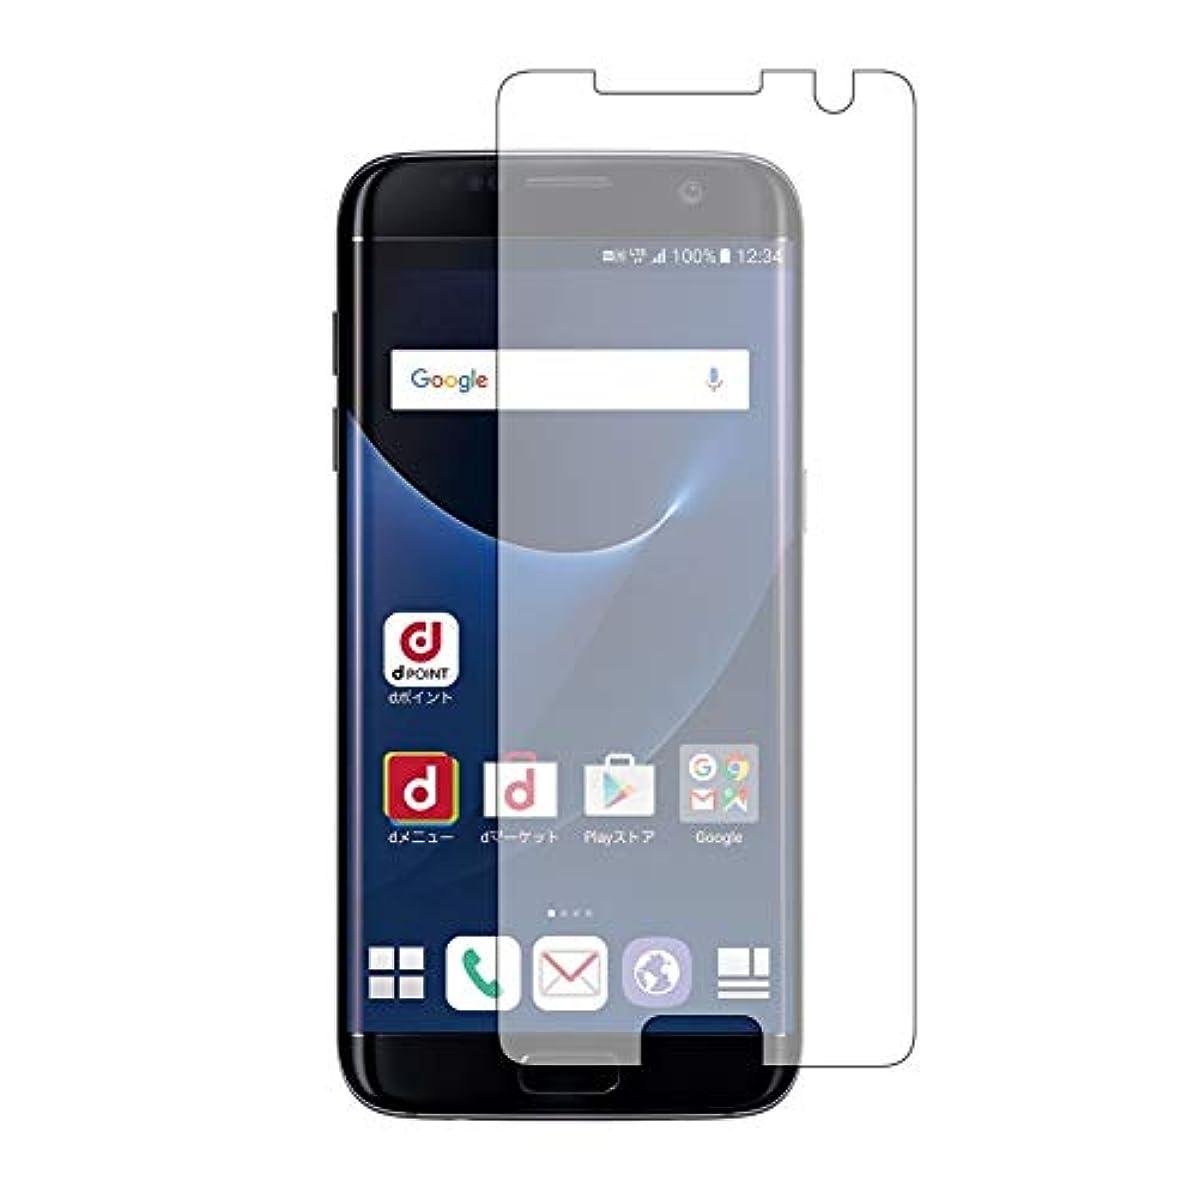 聖職者書道頻繁にメディアカバーマーケット 【専用】Galaxy S7 Edge SC-02H / SCV33 / Samsung 機種用【強化 ガラスフィルム 同等の硬度9H ブルーライトカット 光沢 改訂版 液晶保護 フィルム】